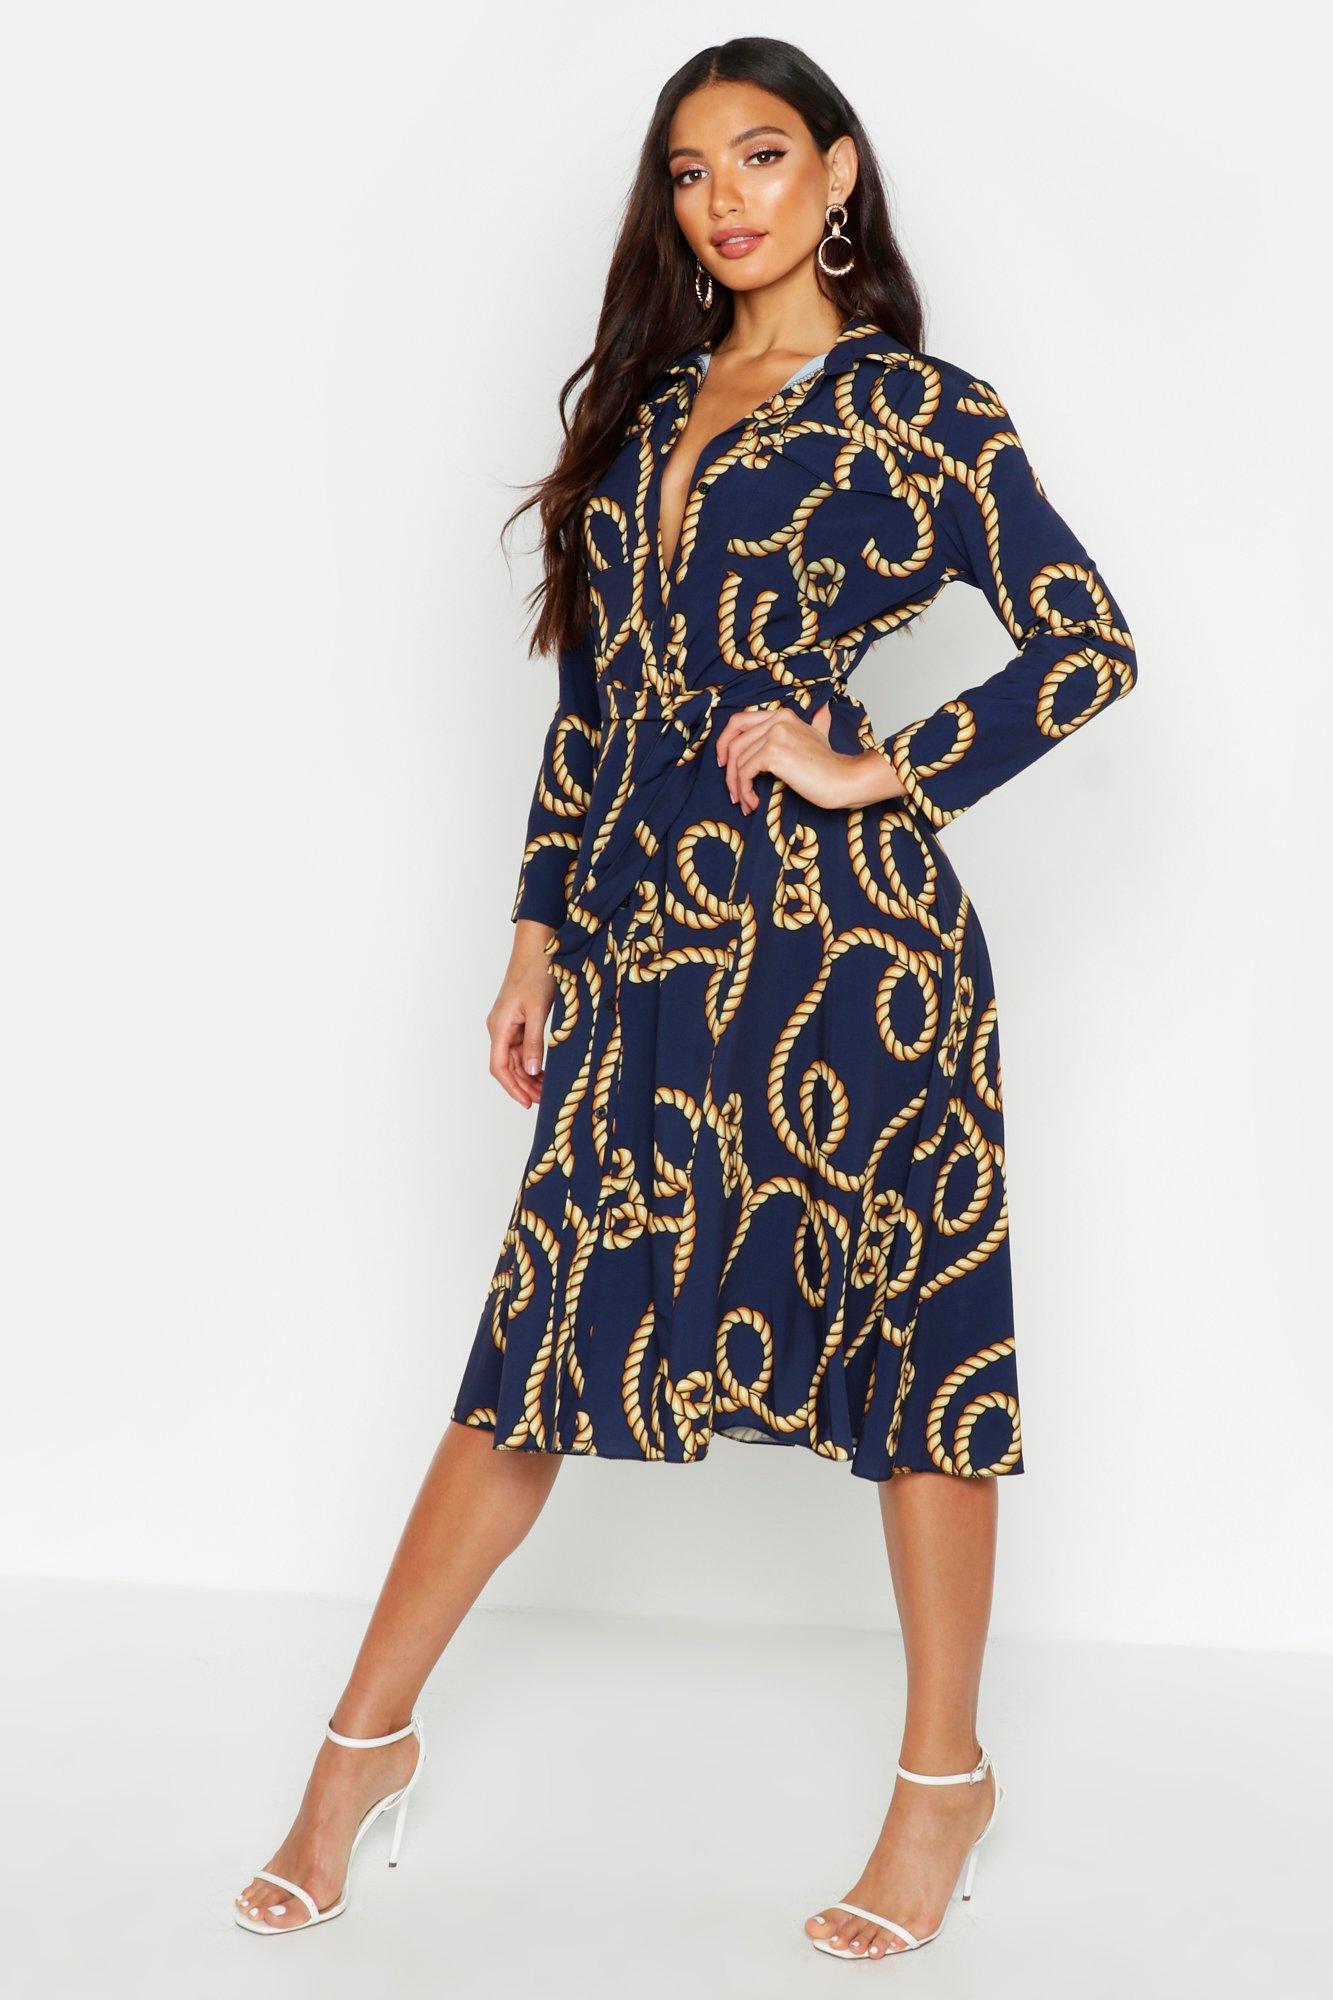 Womens Blusenkleid mit Seil-Print und Gürtel - marineblau - 34, Marineblau - Boohoo.com